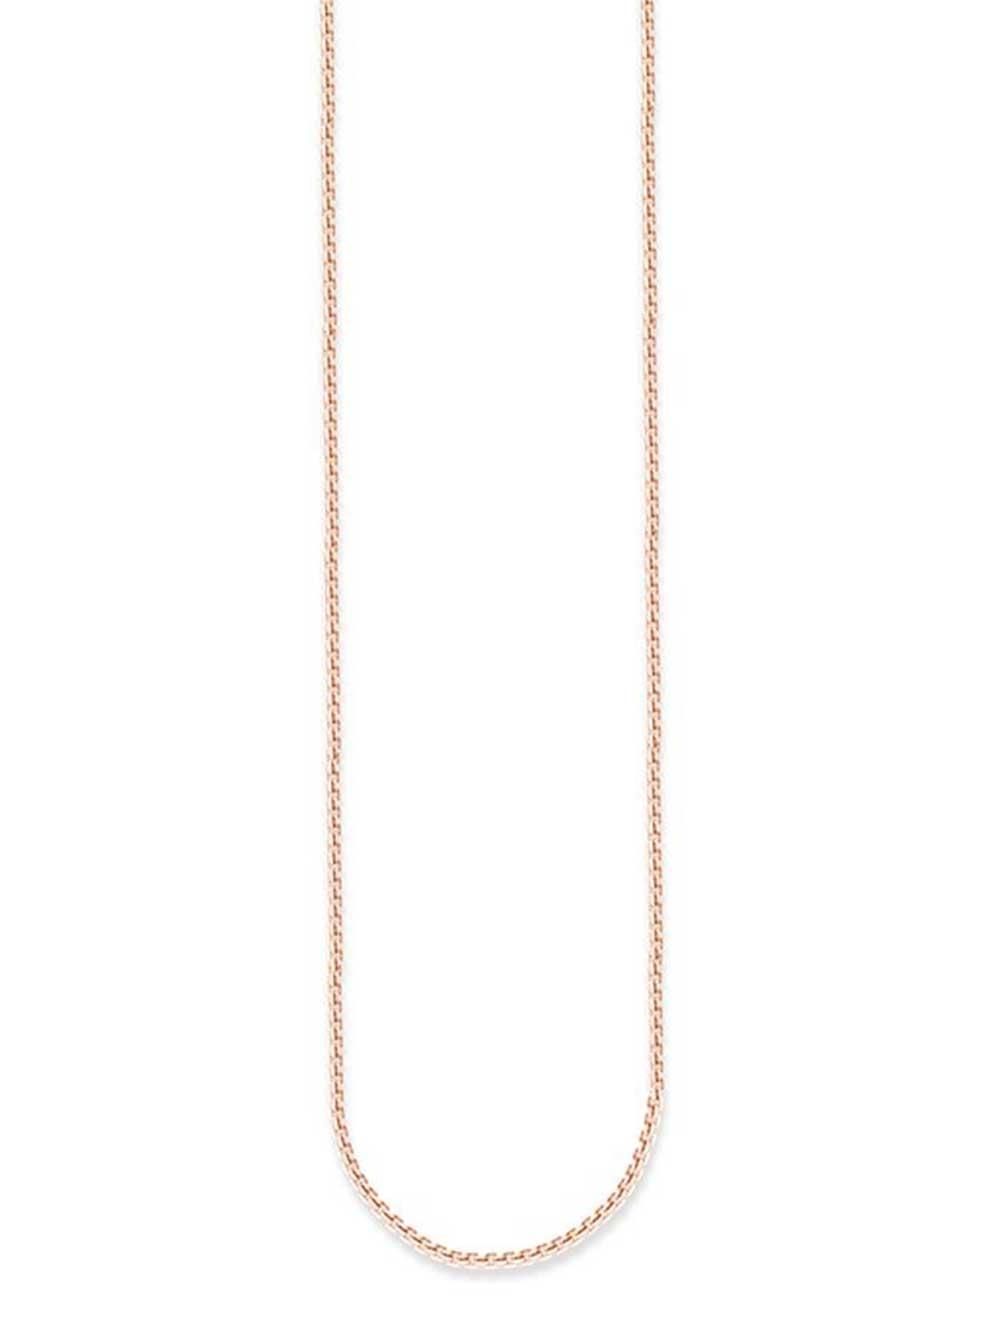 Thomas Sabo Halskette KE1106-415-12-L42v 925er 42cm